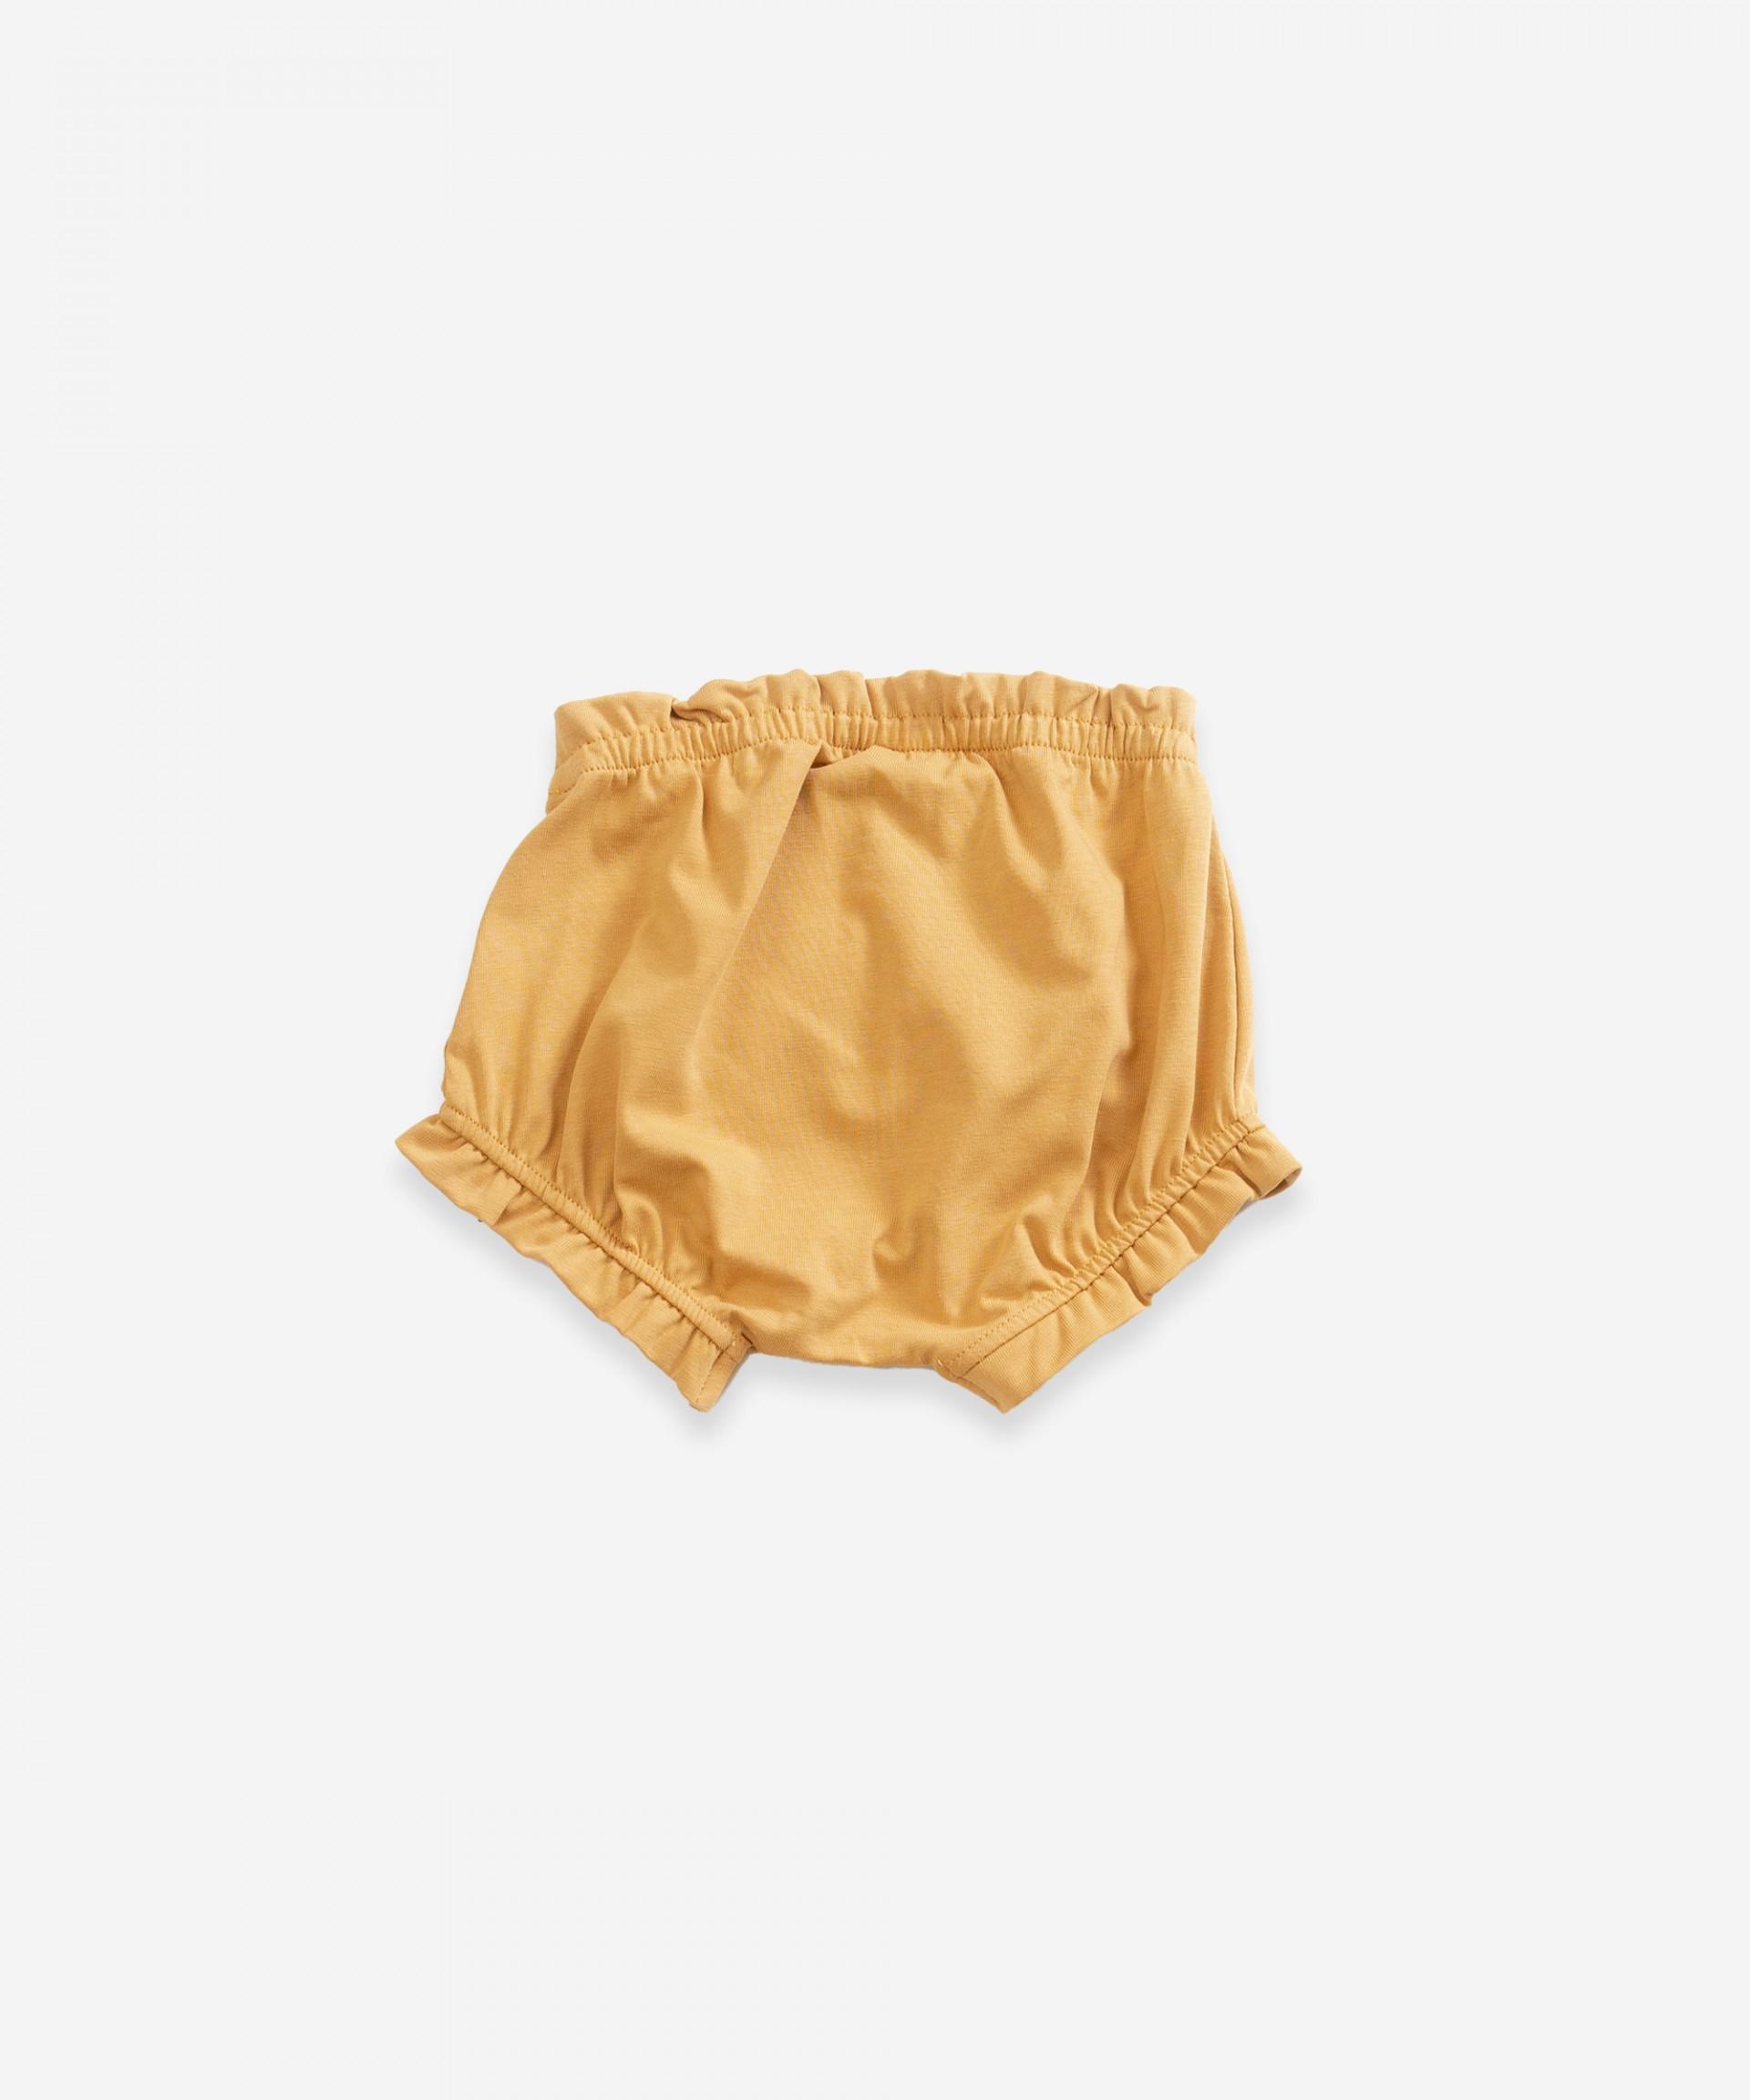 Braguita con cintura elástica | Weaving